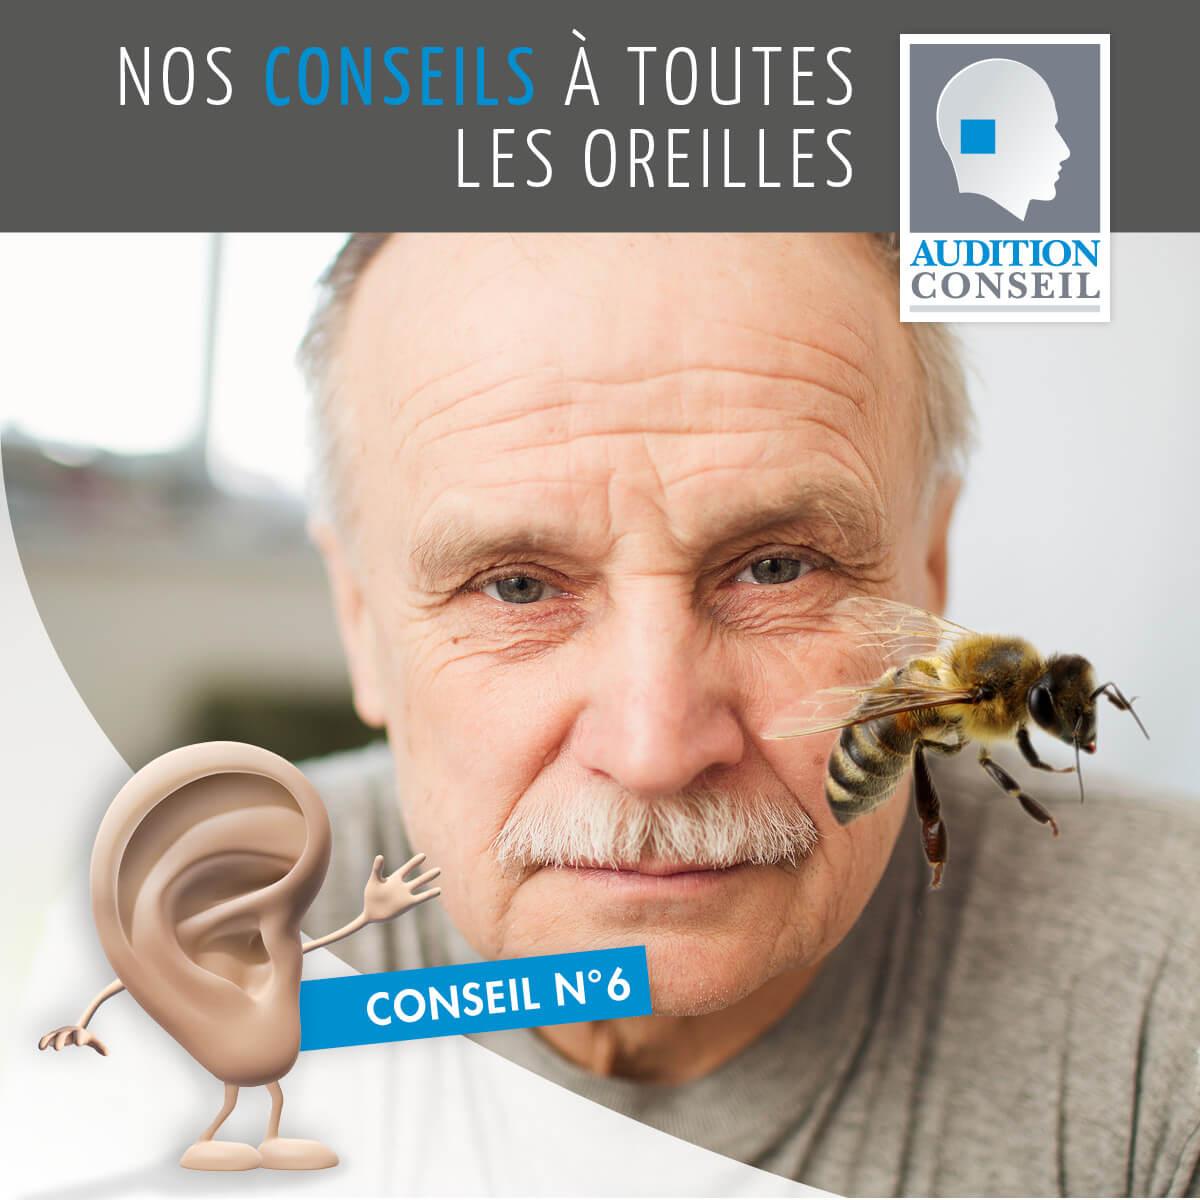 Conseils_a_toutes_les_oreilles_6